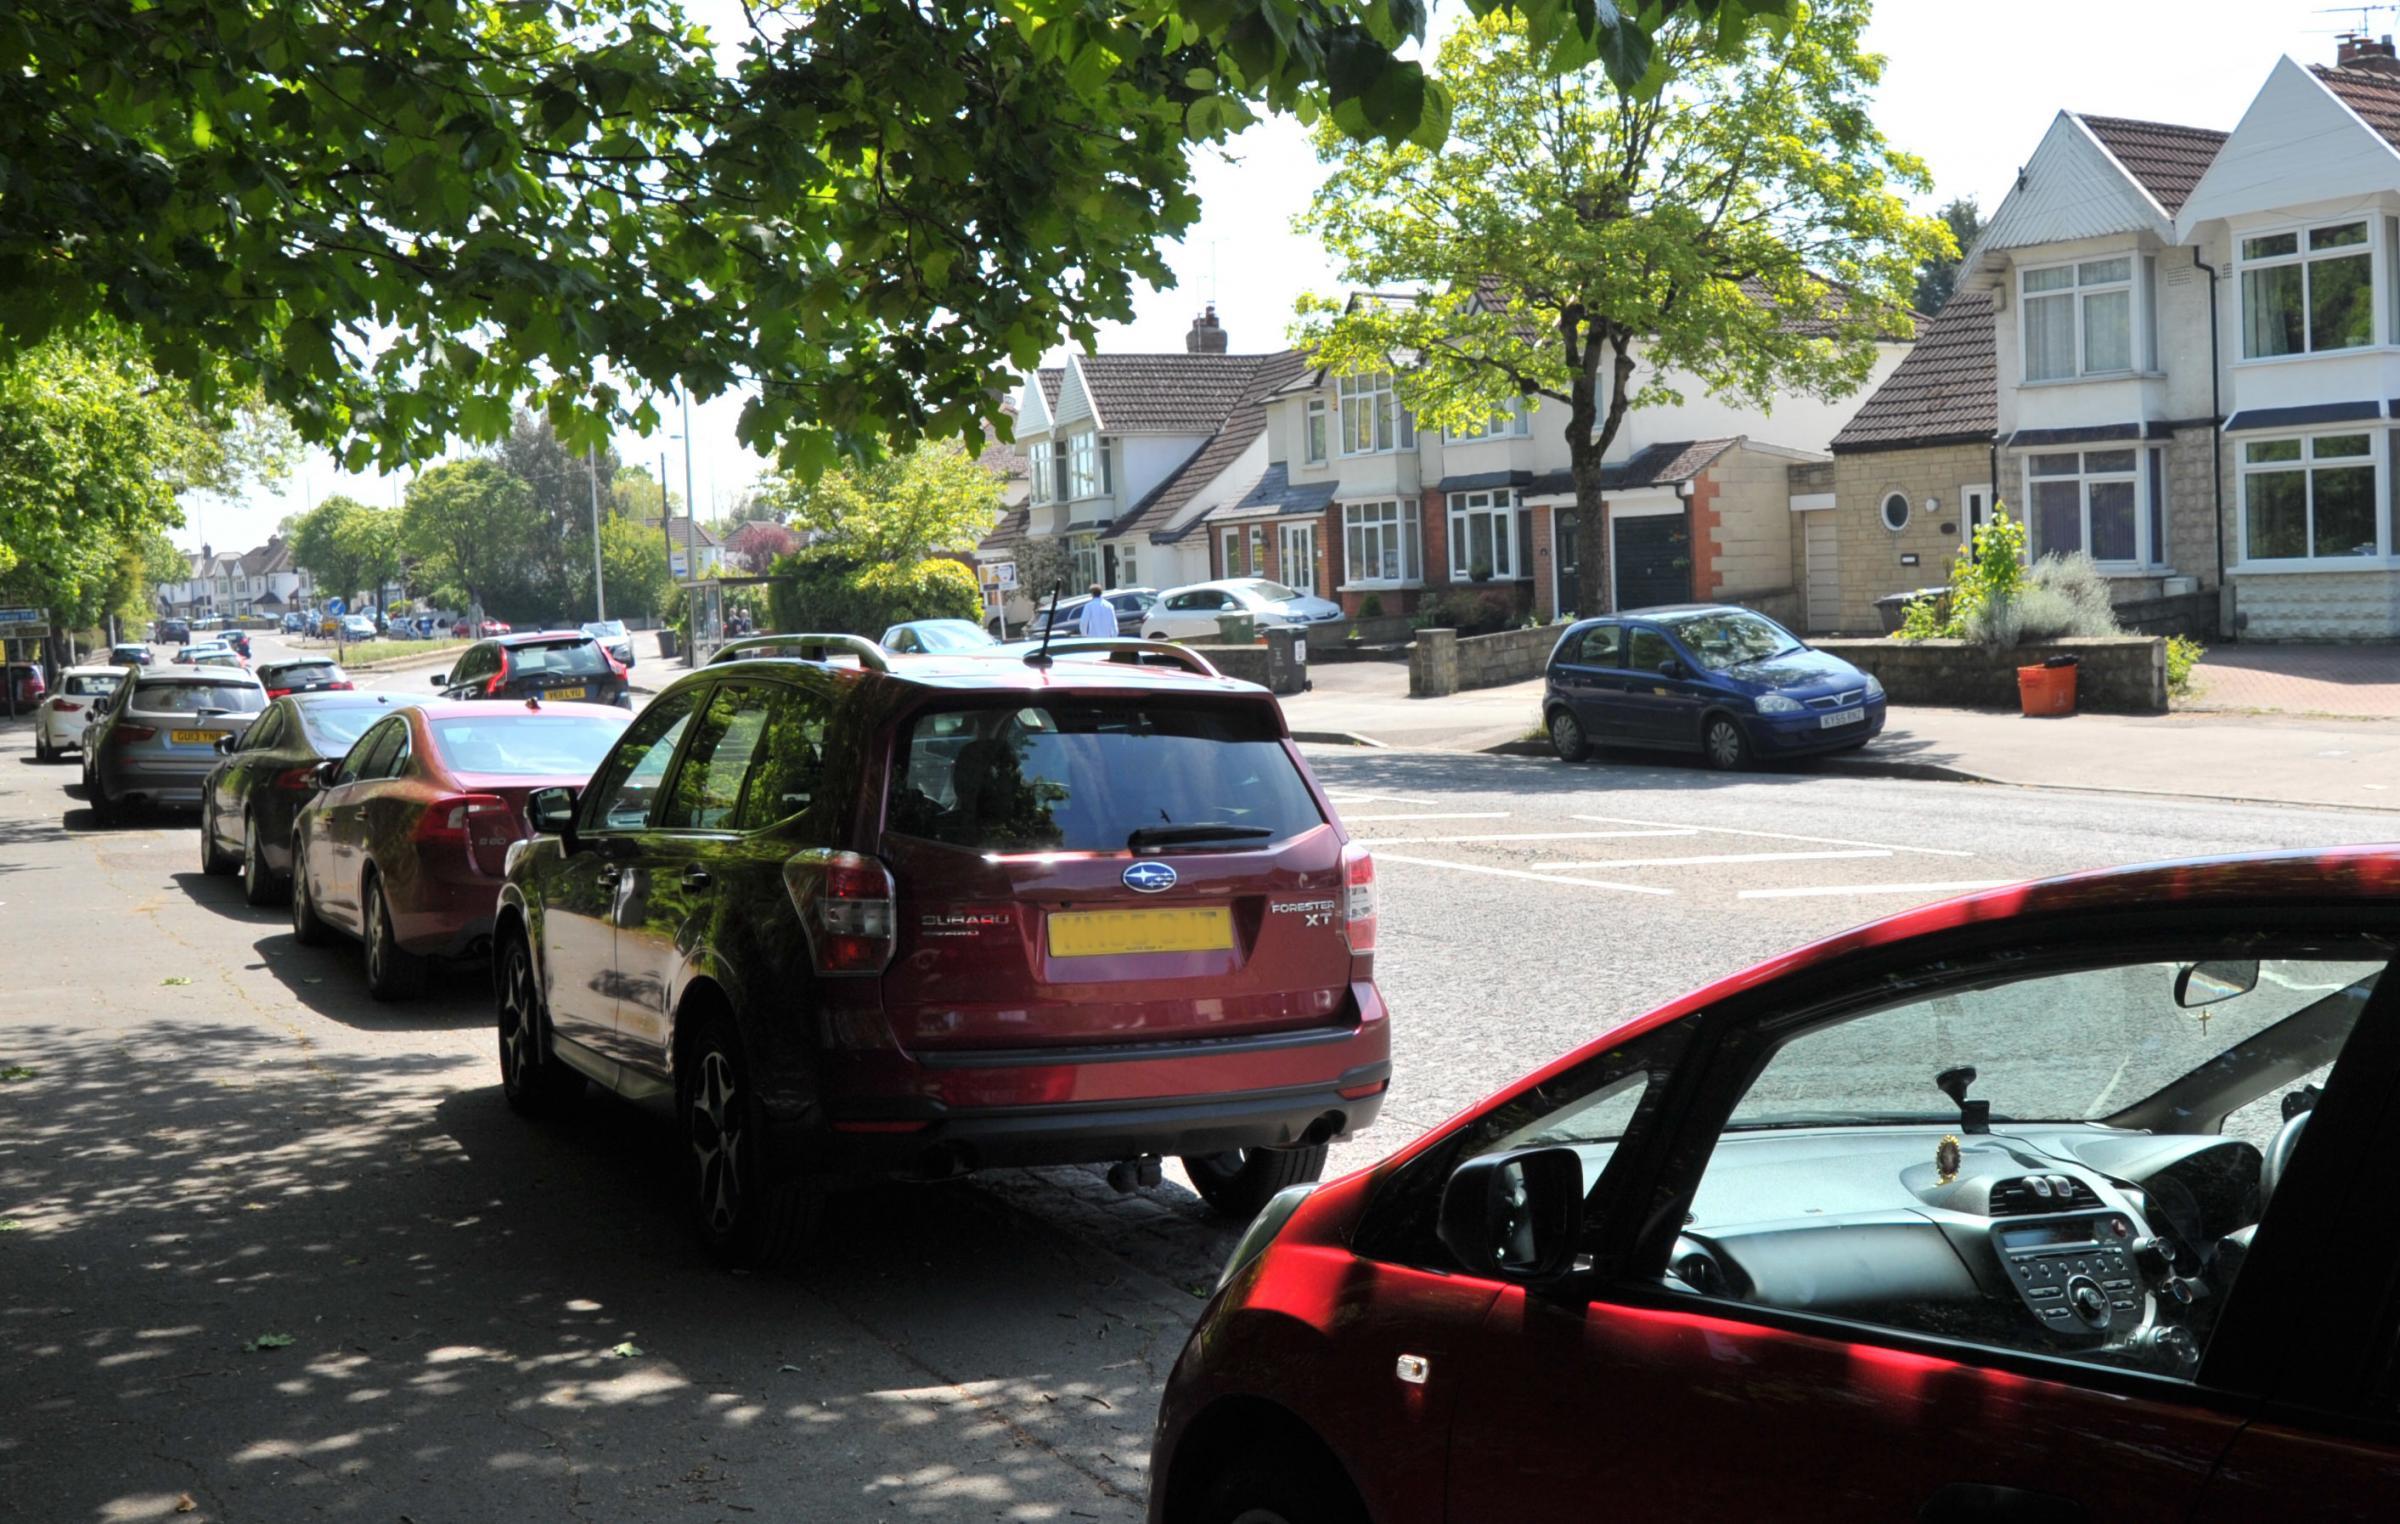 Melksham Without Parish Council backs a ban on pavement parking